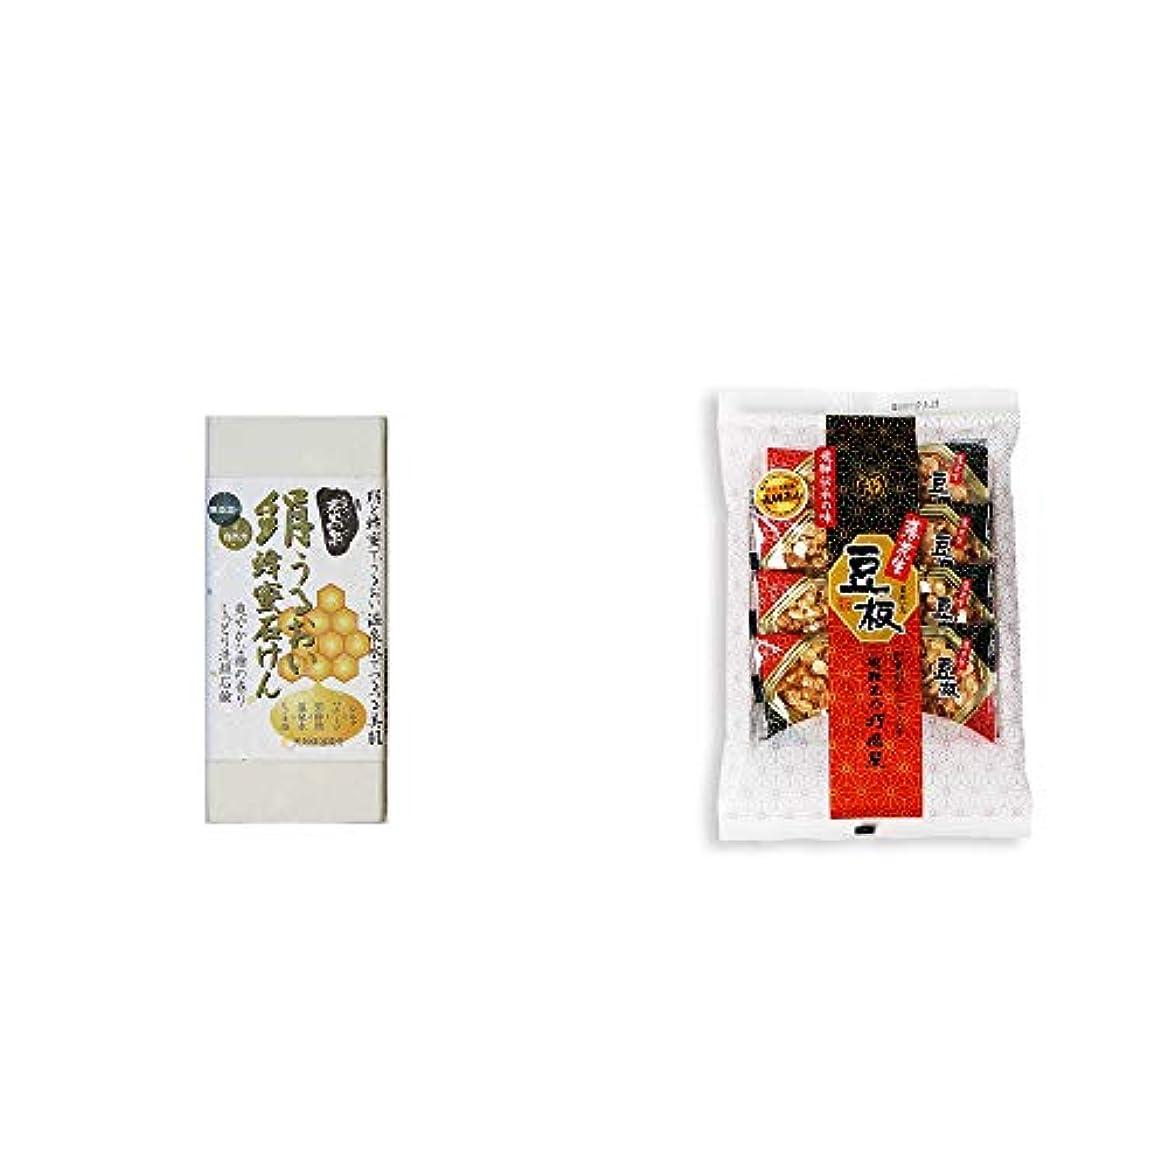 豚肉同時新年[2点セット] ひのき炭黒泉 絹うるおい蜂蜜石けん(75g×2)?飛騨銘菓「打保屋」の駄菓子 豆板(8枚入)